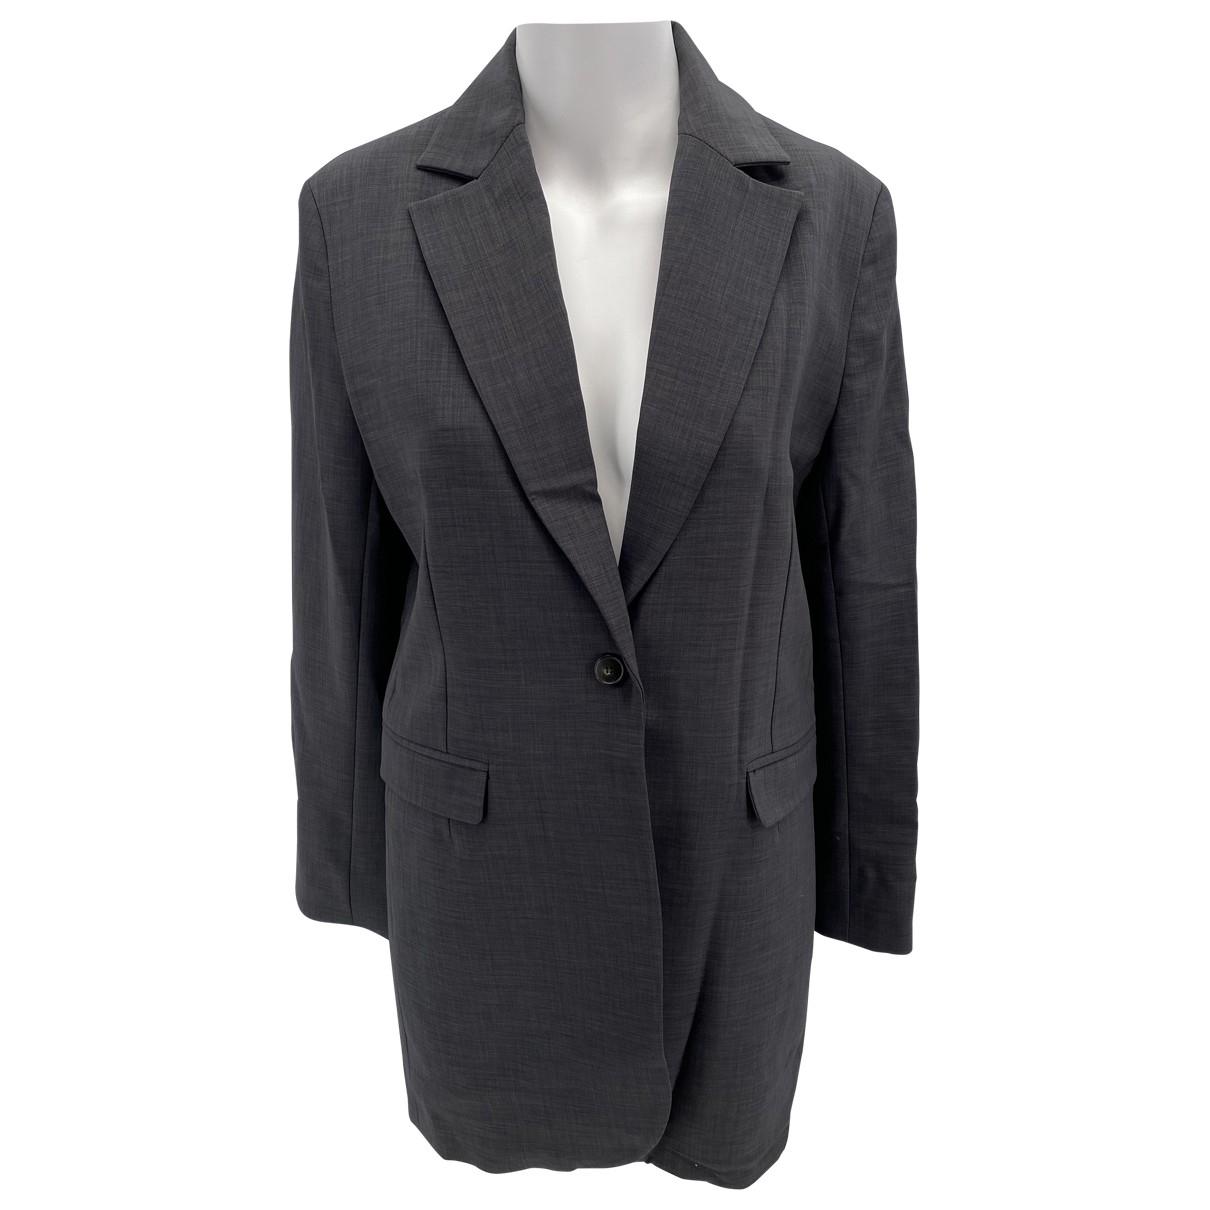 Birgitte Herskind \N Grey Wool jacket for Women 36 FR